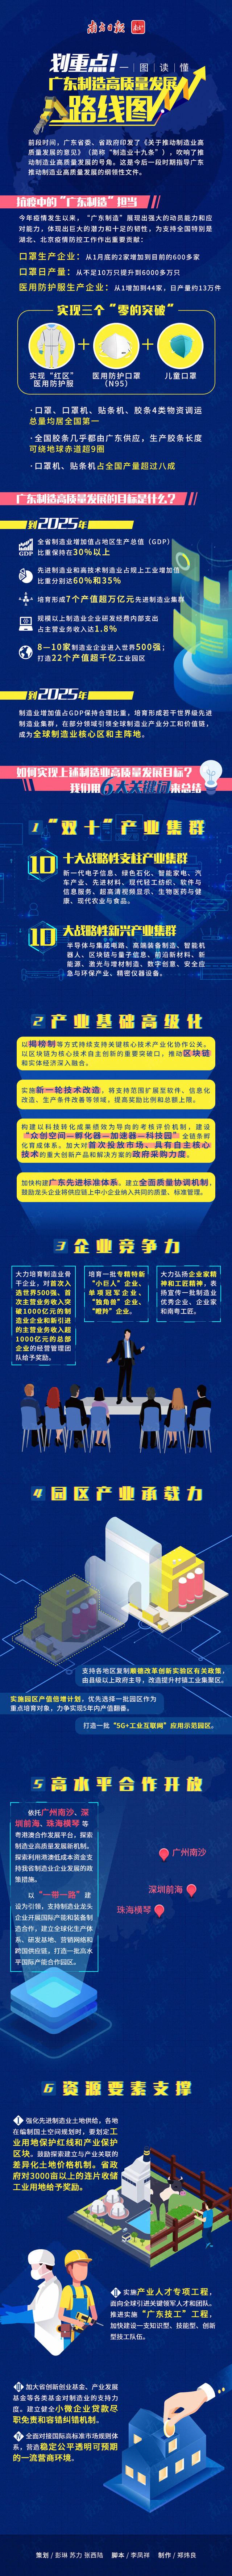 """2020.4.10南方+:一图读懂广东""""制造业十九条"""",这20大产业集群获关注.jpg"""